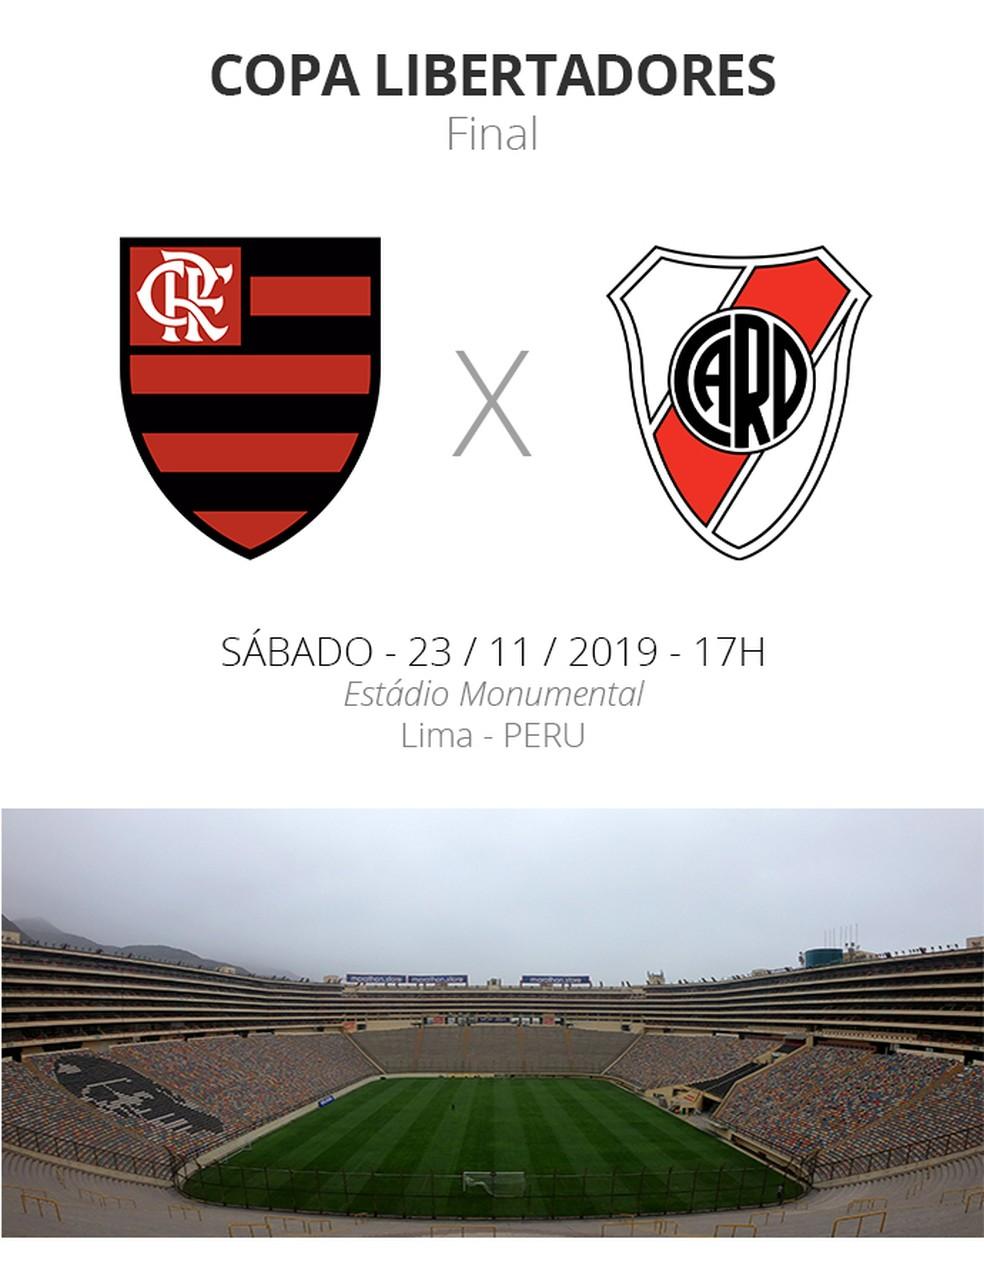 Flamengo X River Plate Ao Vivo Onde E Como Assistir A Final Da Copa Libertadores Flamengo Ge